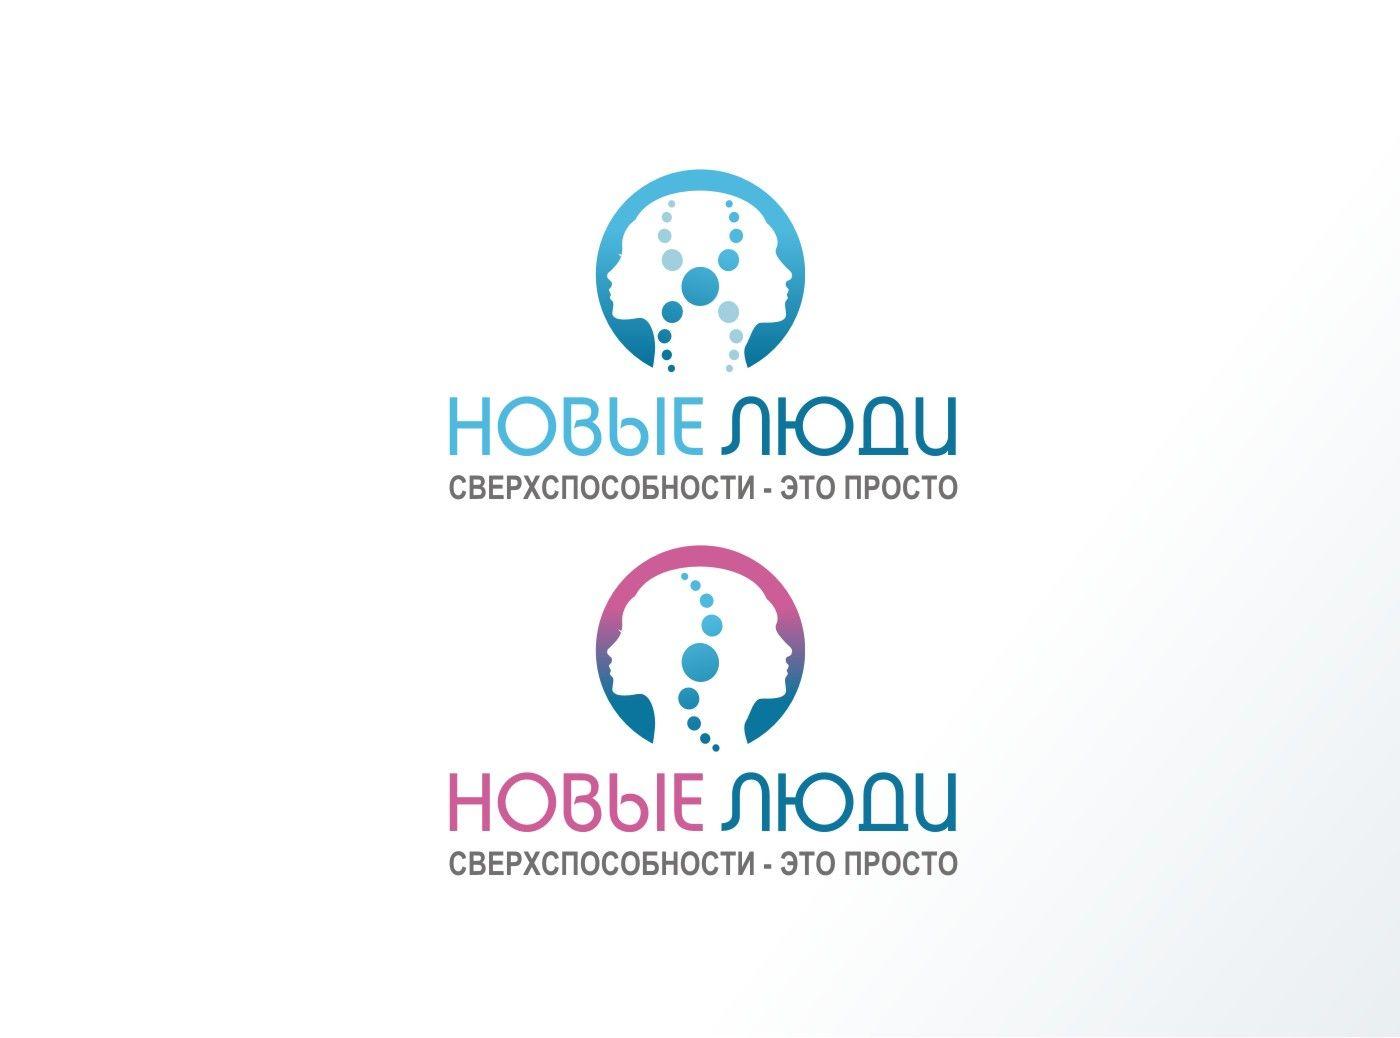 Лого и стиль тренингового центра/системы знаний - дизайнер ideograph